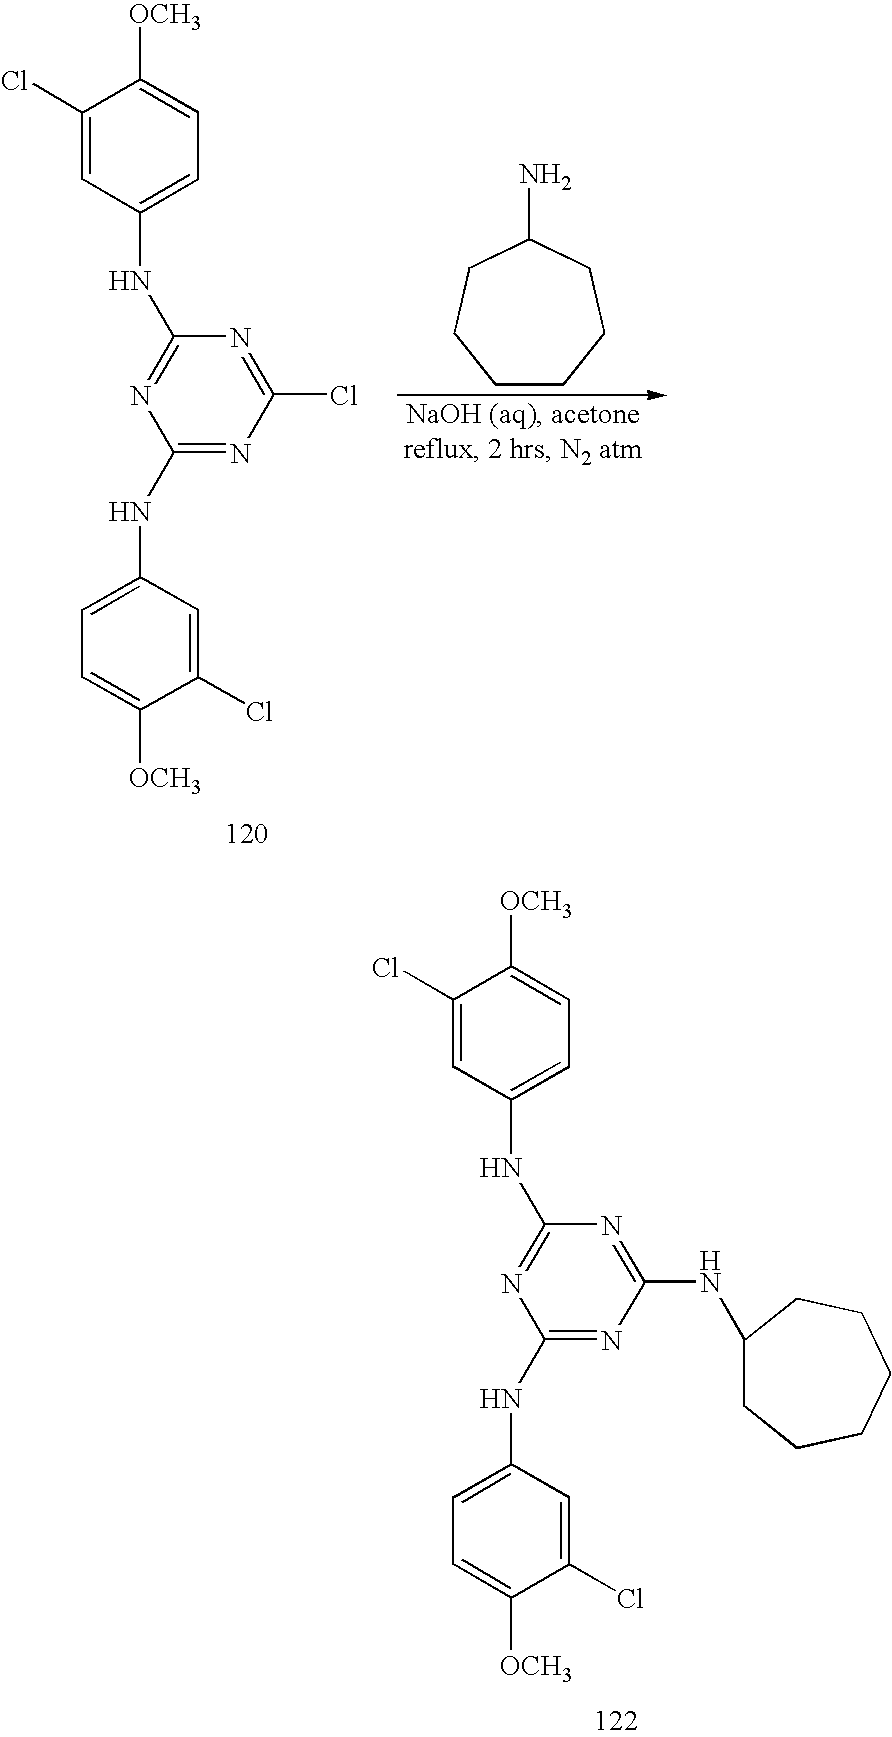 Figure US20050113341A1-20050526-C00152